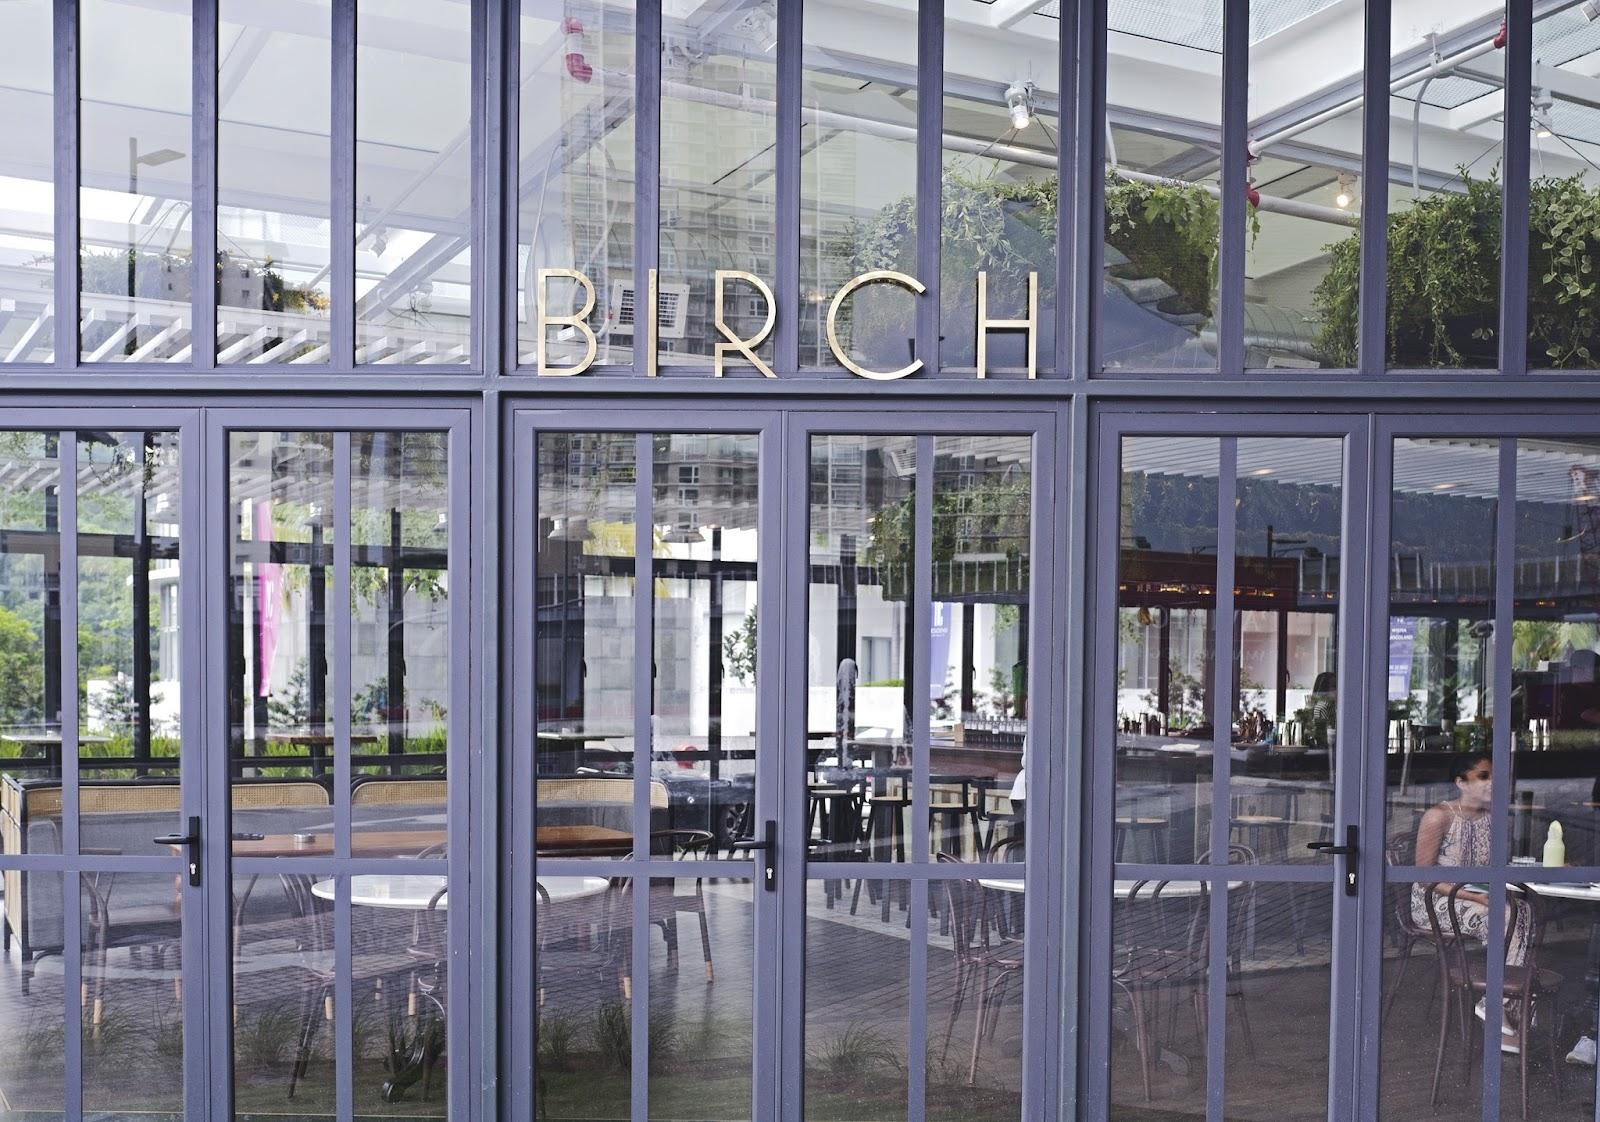 2birch-L1080508.jpg